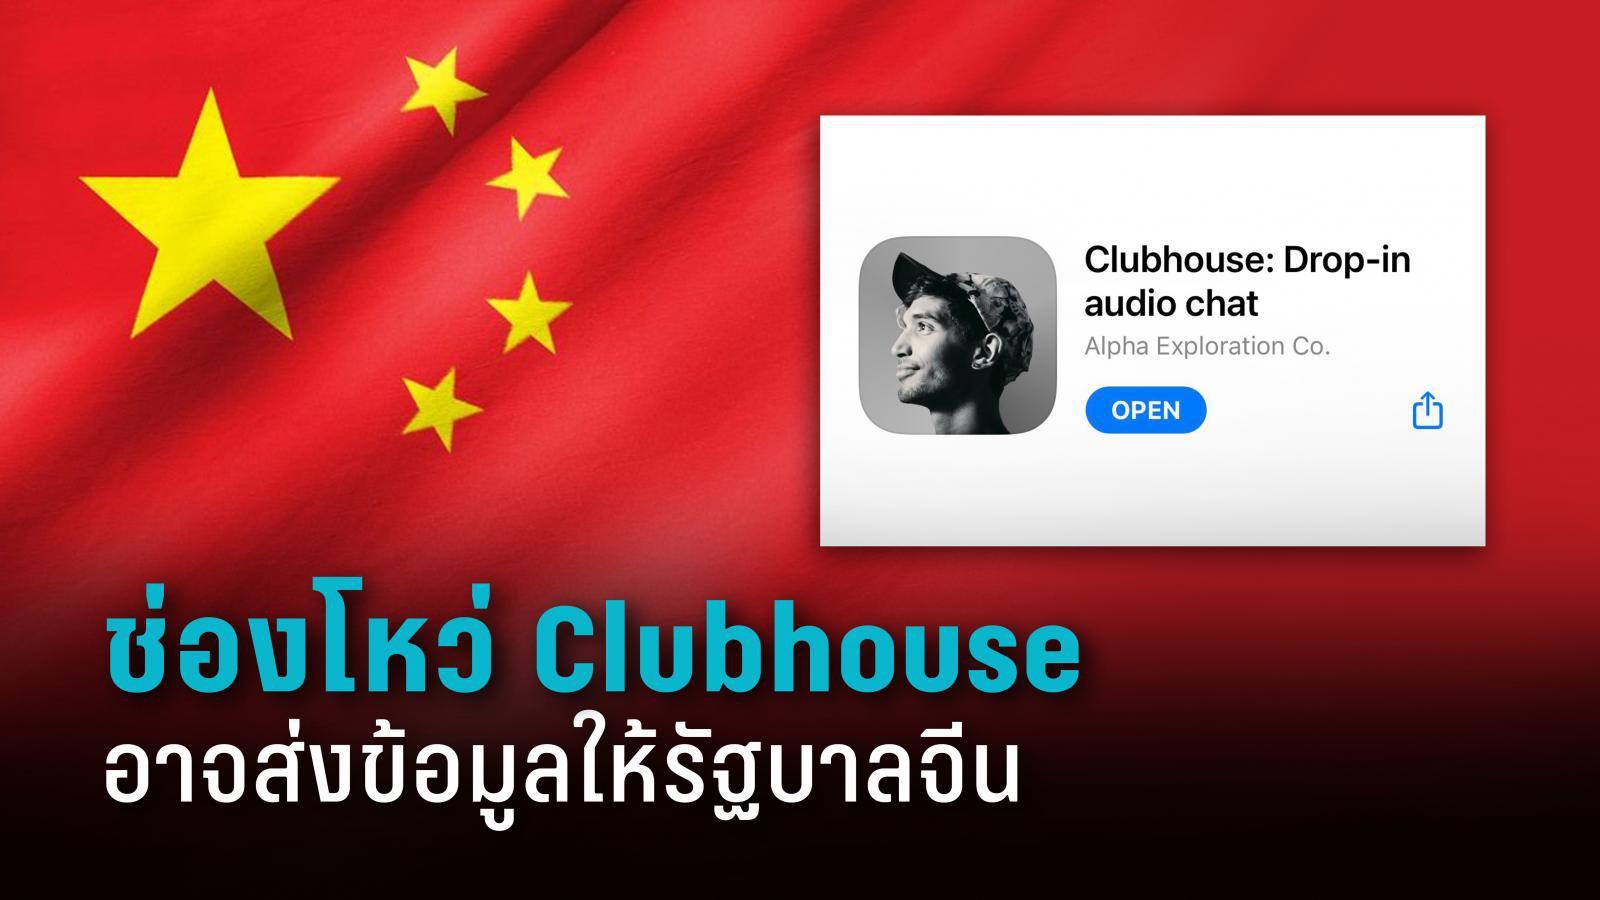 แอปพลิเคชัน Clubhouse อาจมีช่องโหว่ให้รัฐบาลจีนเข้าถึงข้อมูล